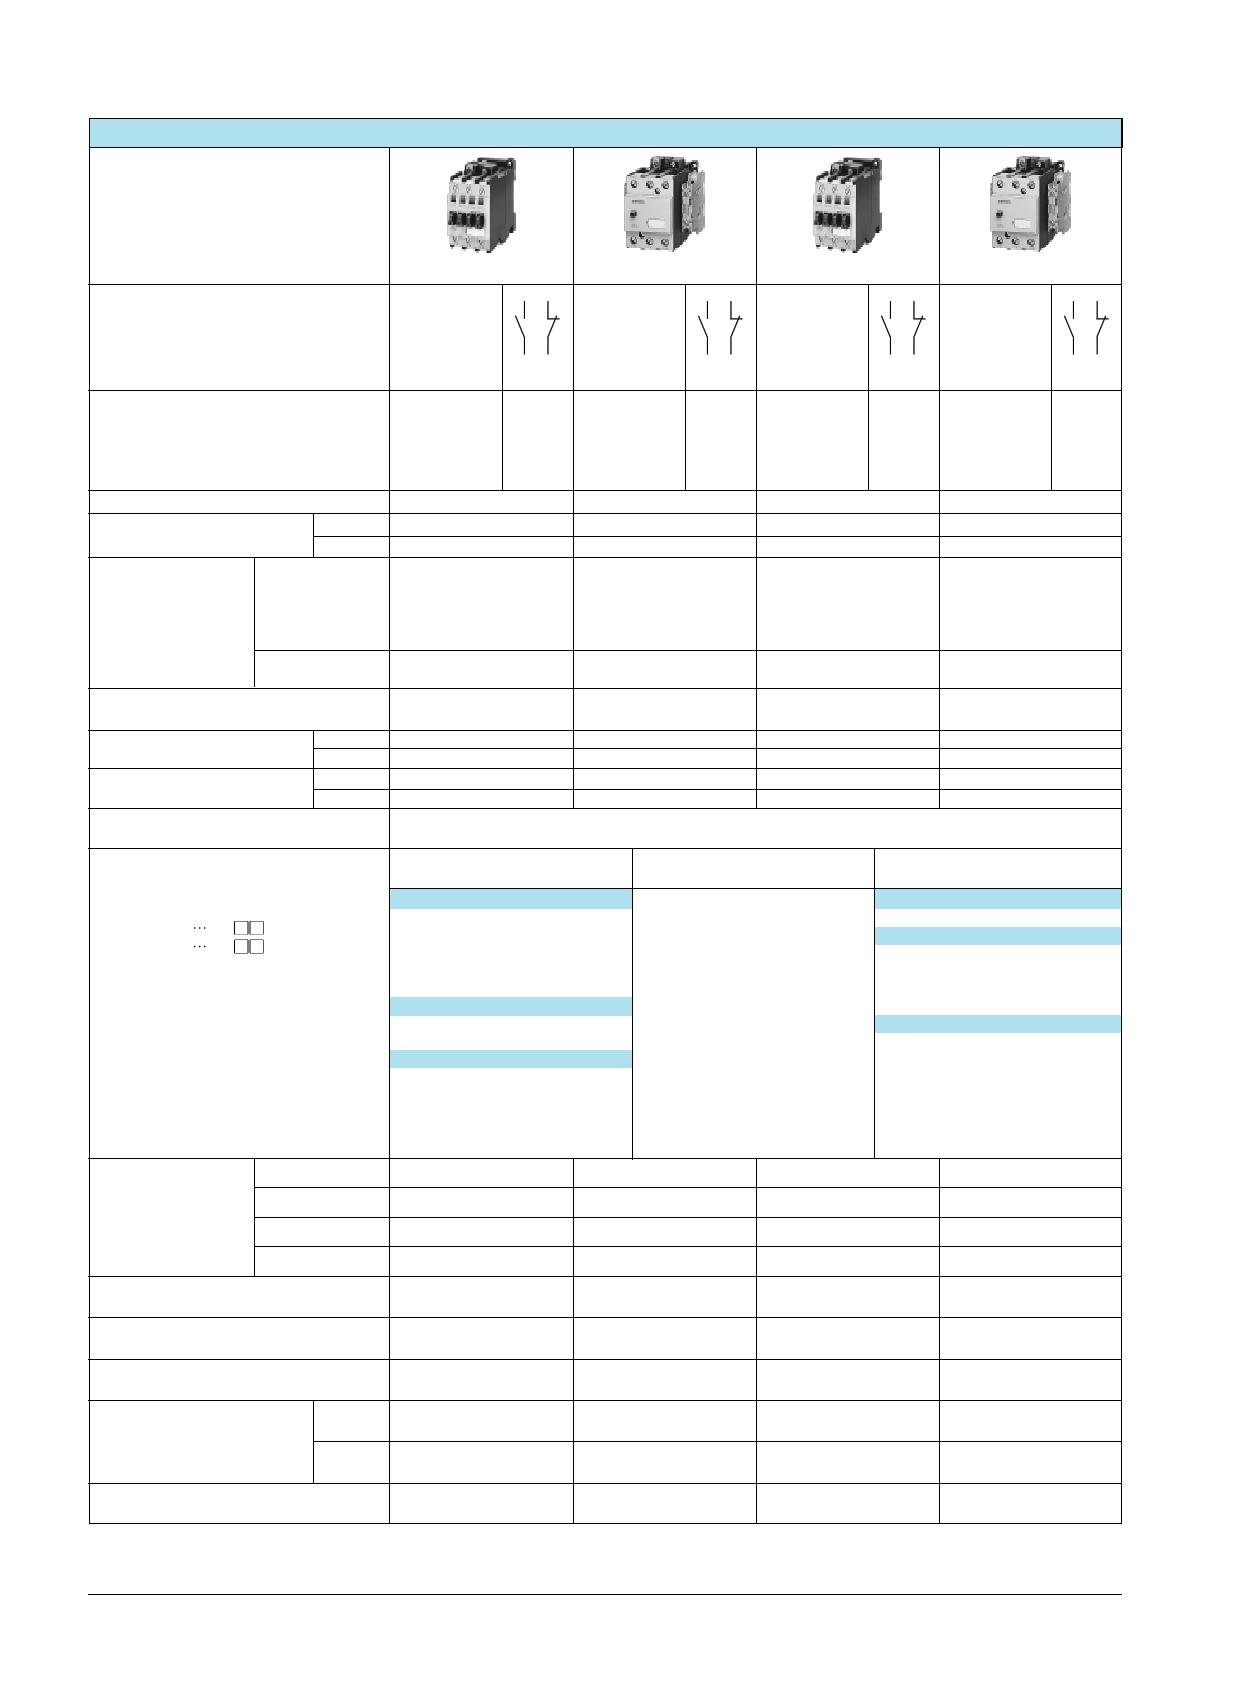 3TF44 pdf, ピン配列